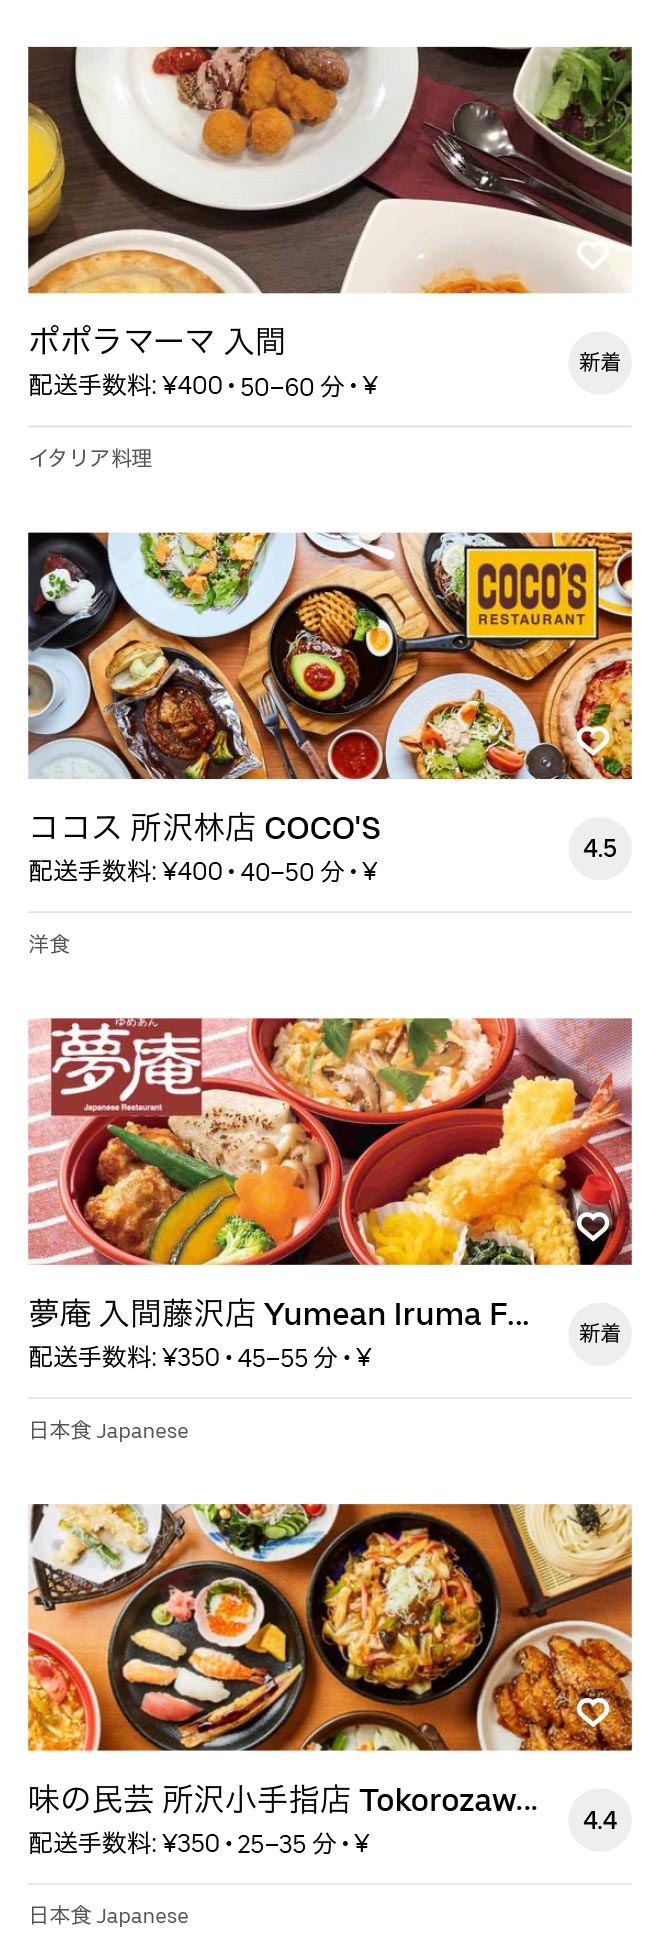 Iriso menu 2010 09